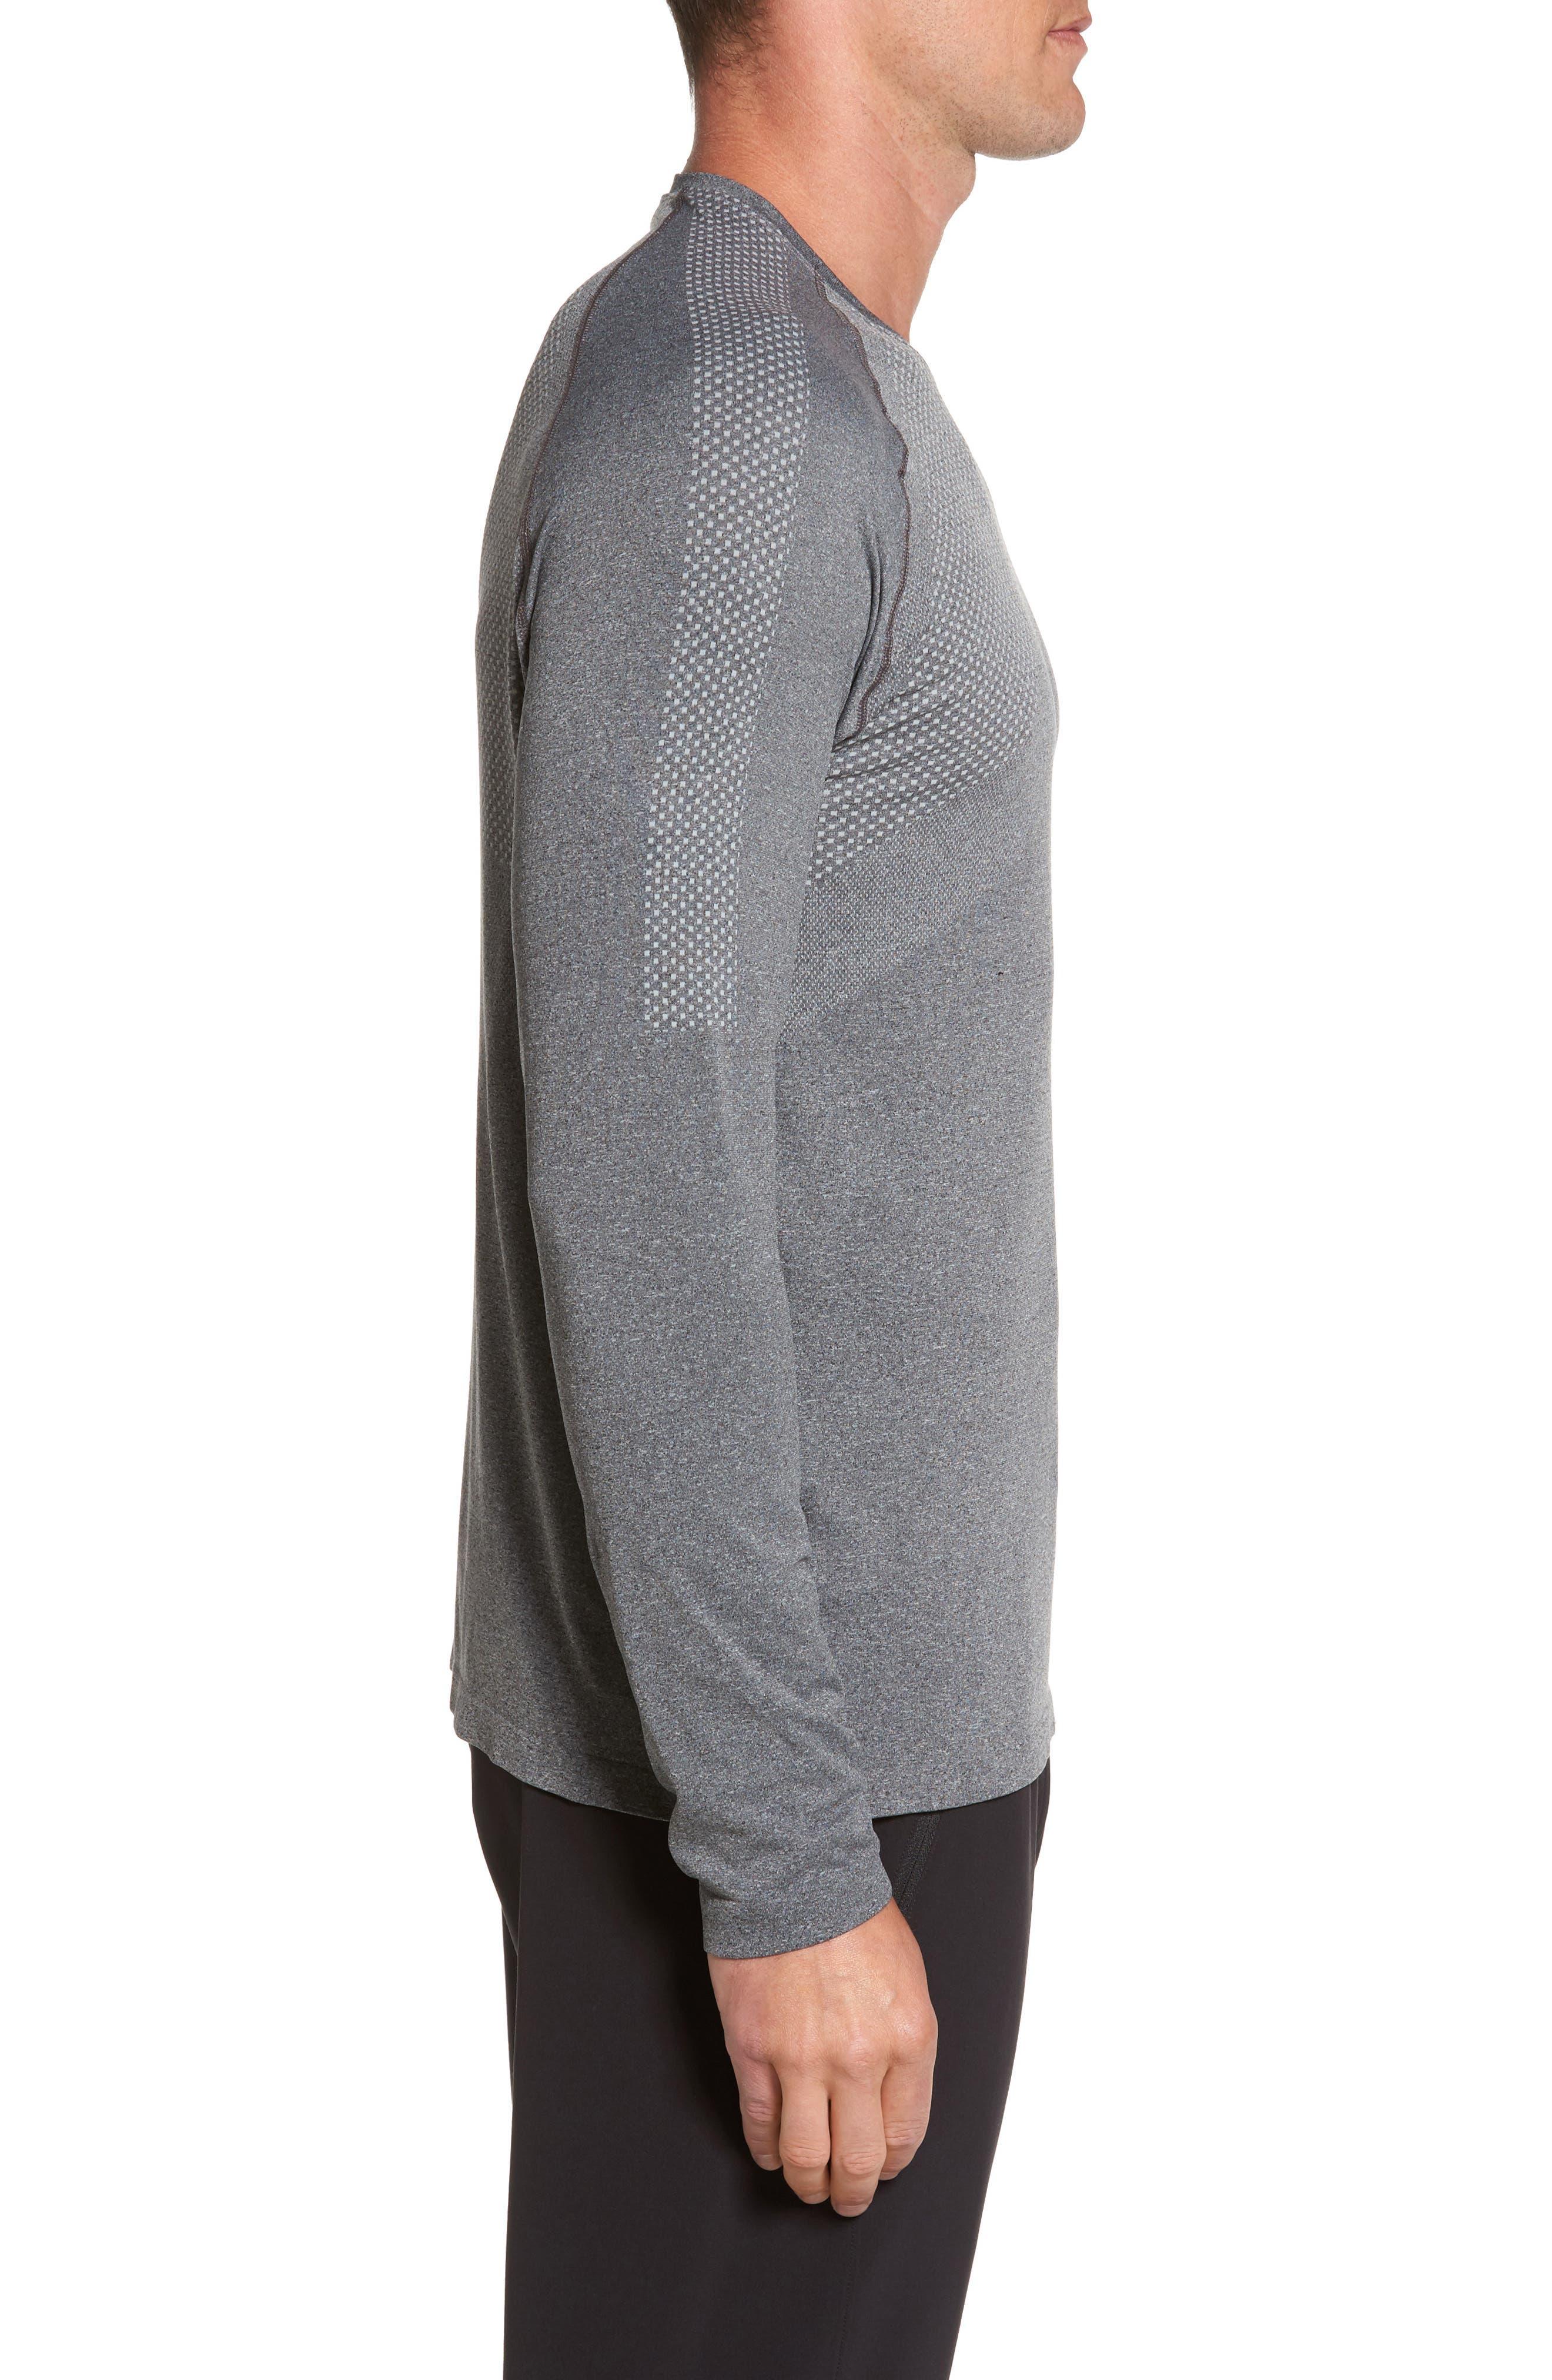 Zeolite Long Sleeve Performance T-Shirt,                             Alternate thumbnail 3, color,                             050